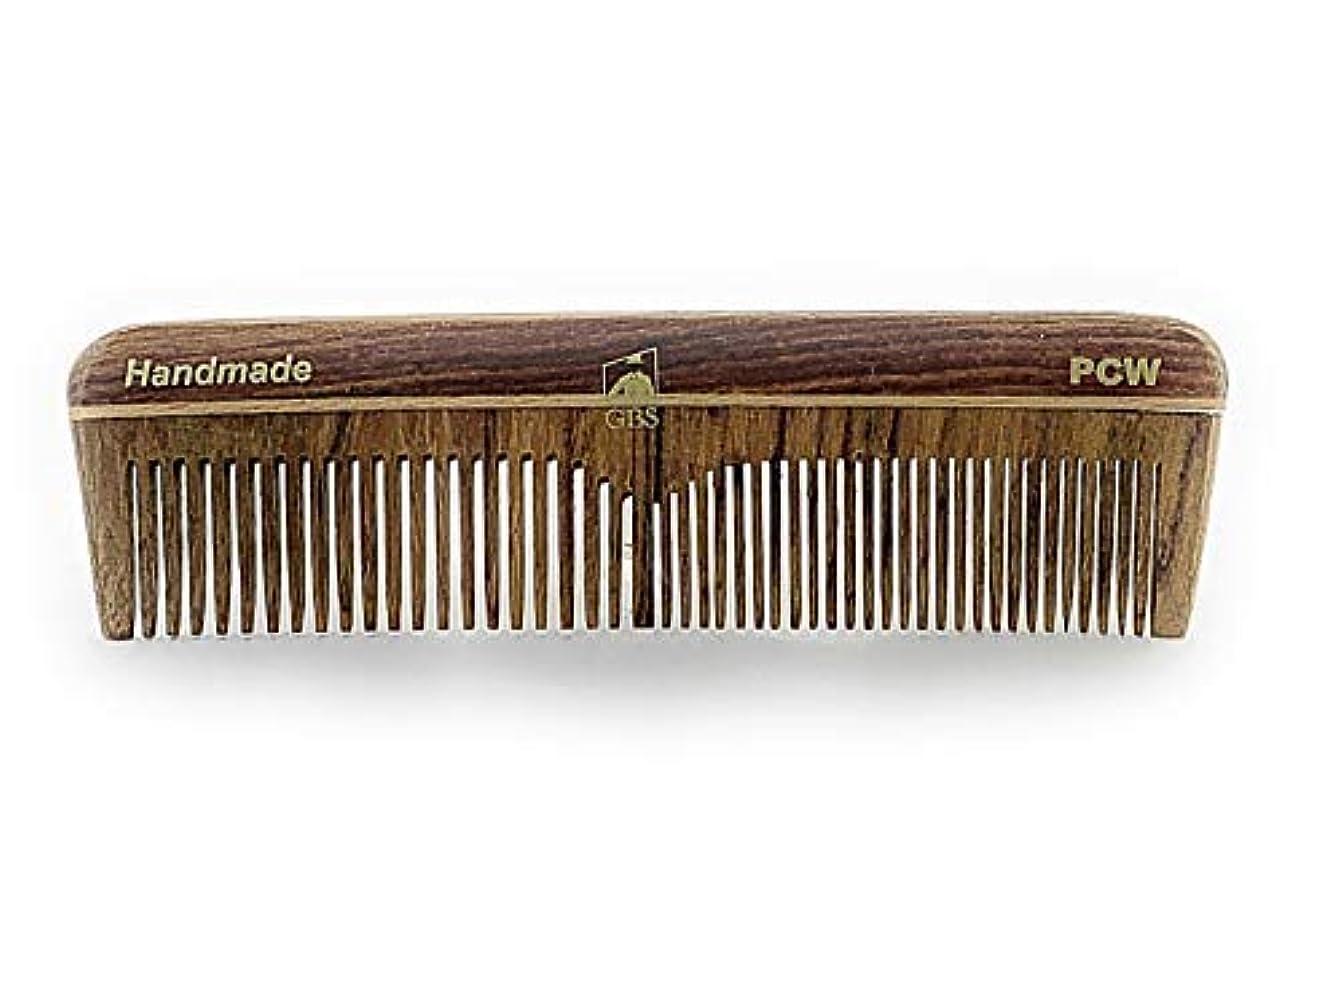 ベンチャー動ゲートウェイGBS Natural Wood Handmade Pocket Beard and Hair Comb - Comb 5